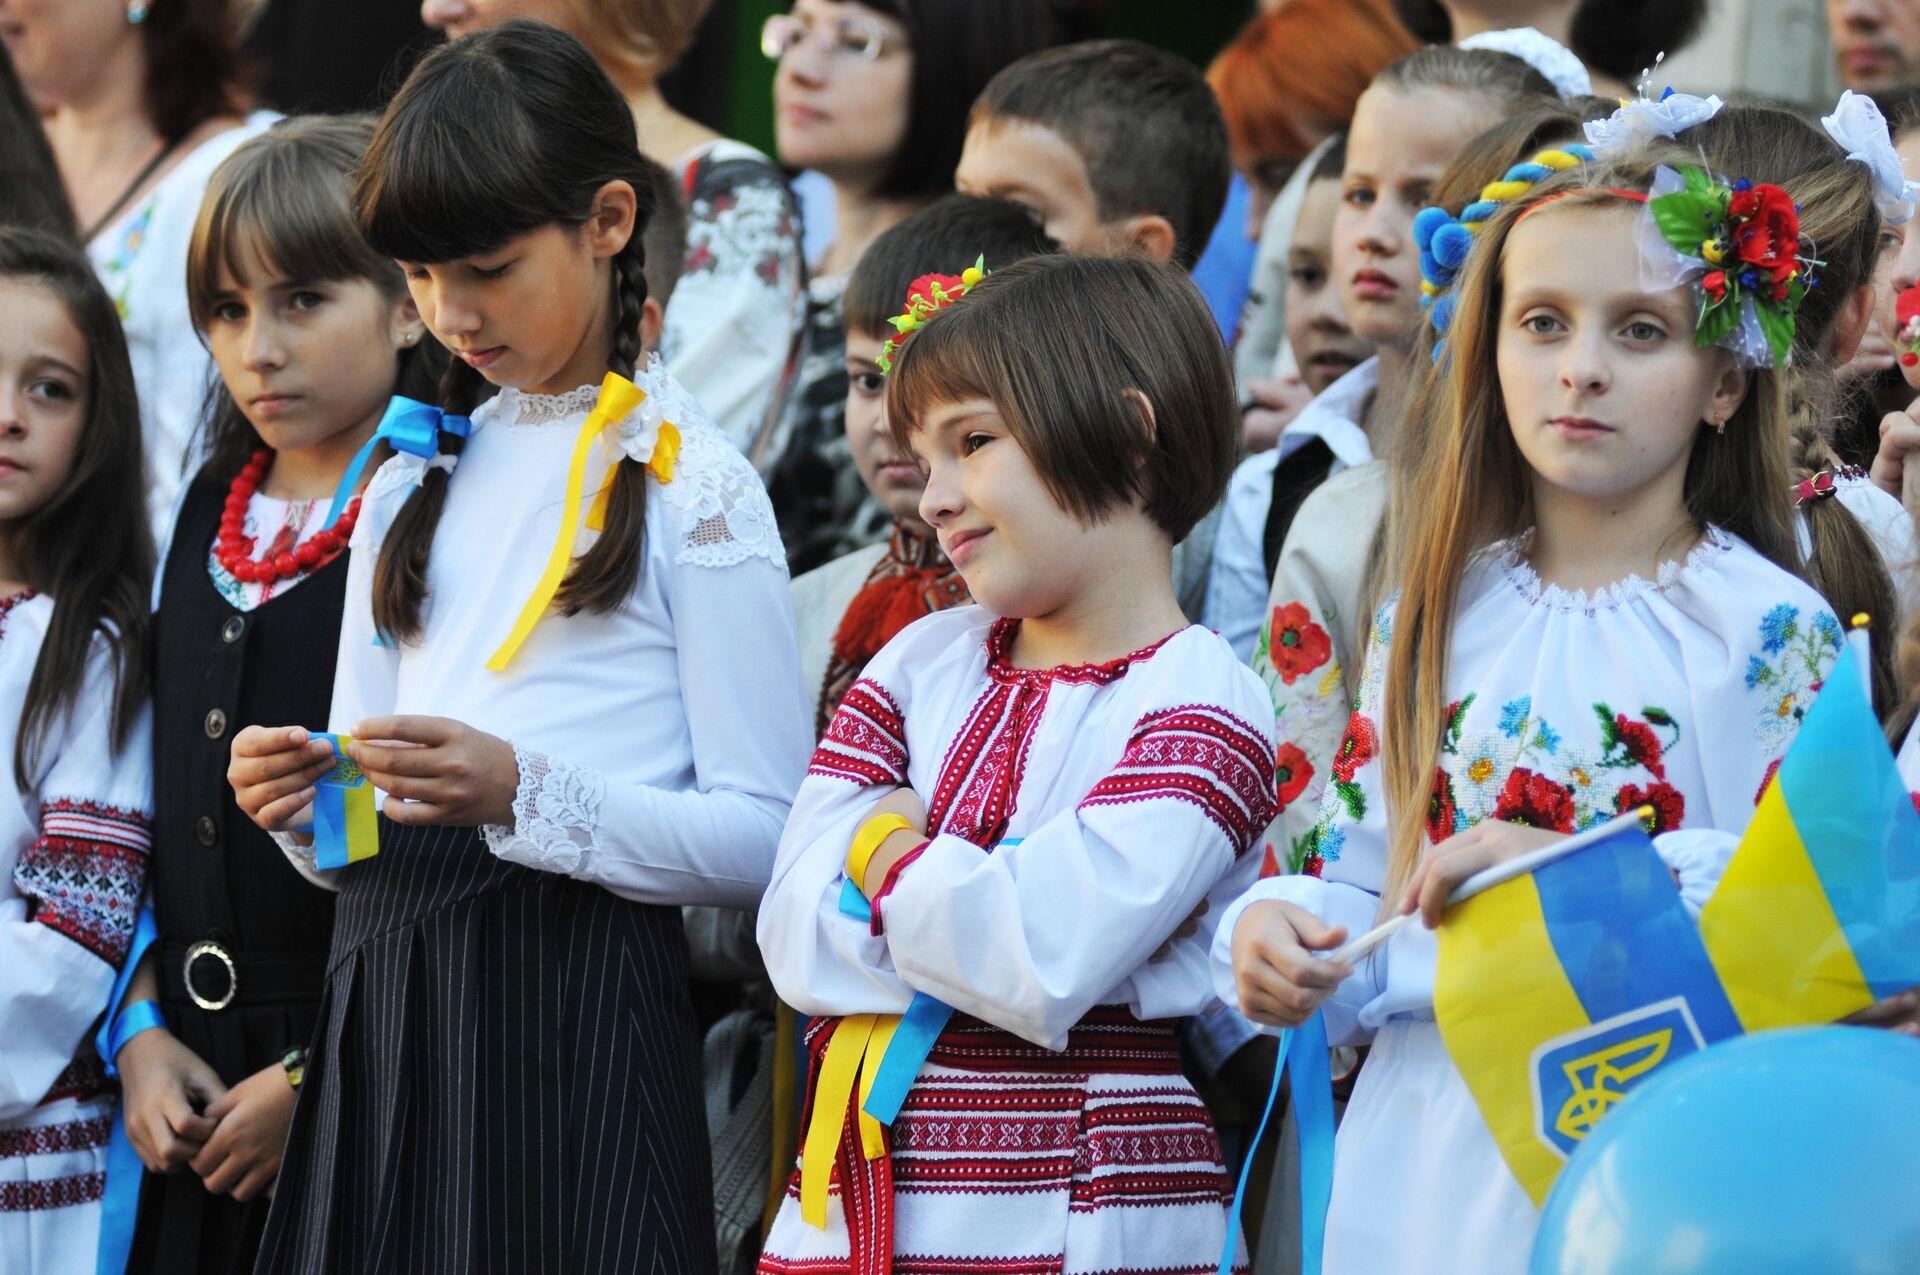 Ученики на торжественной линейке, посвященной Дню знаний, во Львове - РИА Новости, 1920, 25.10.2020